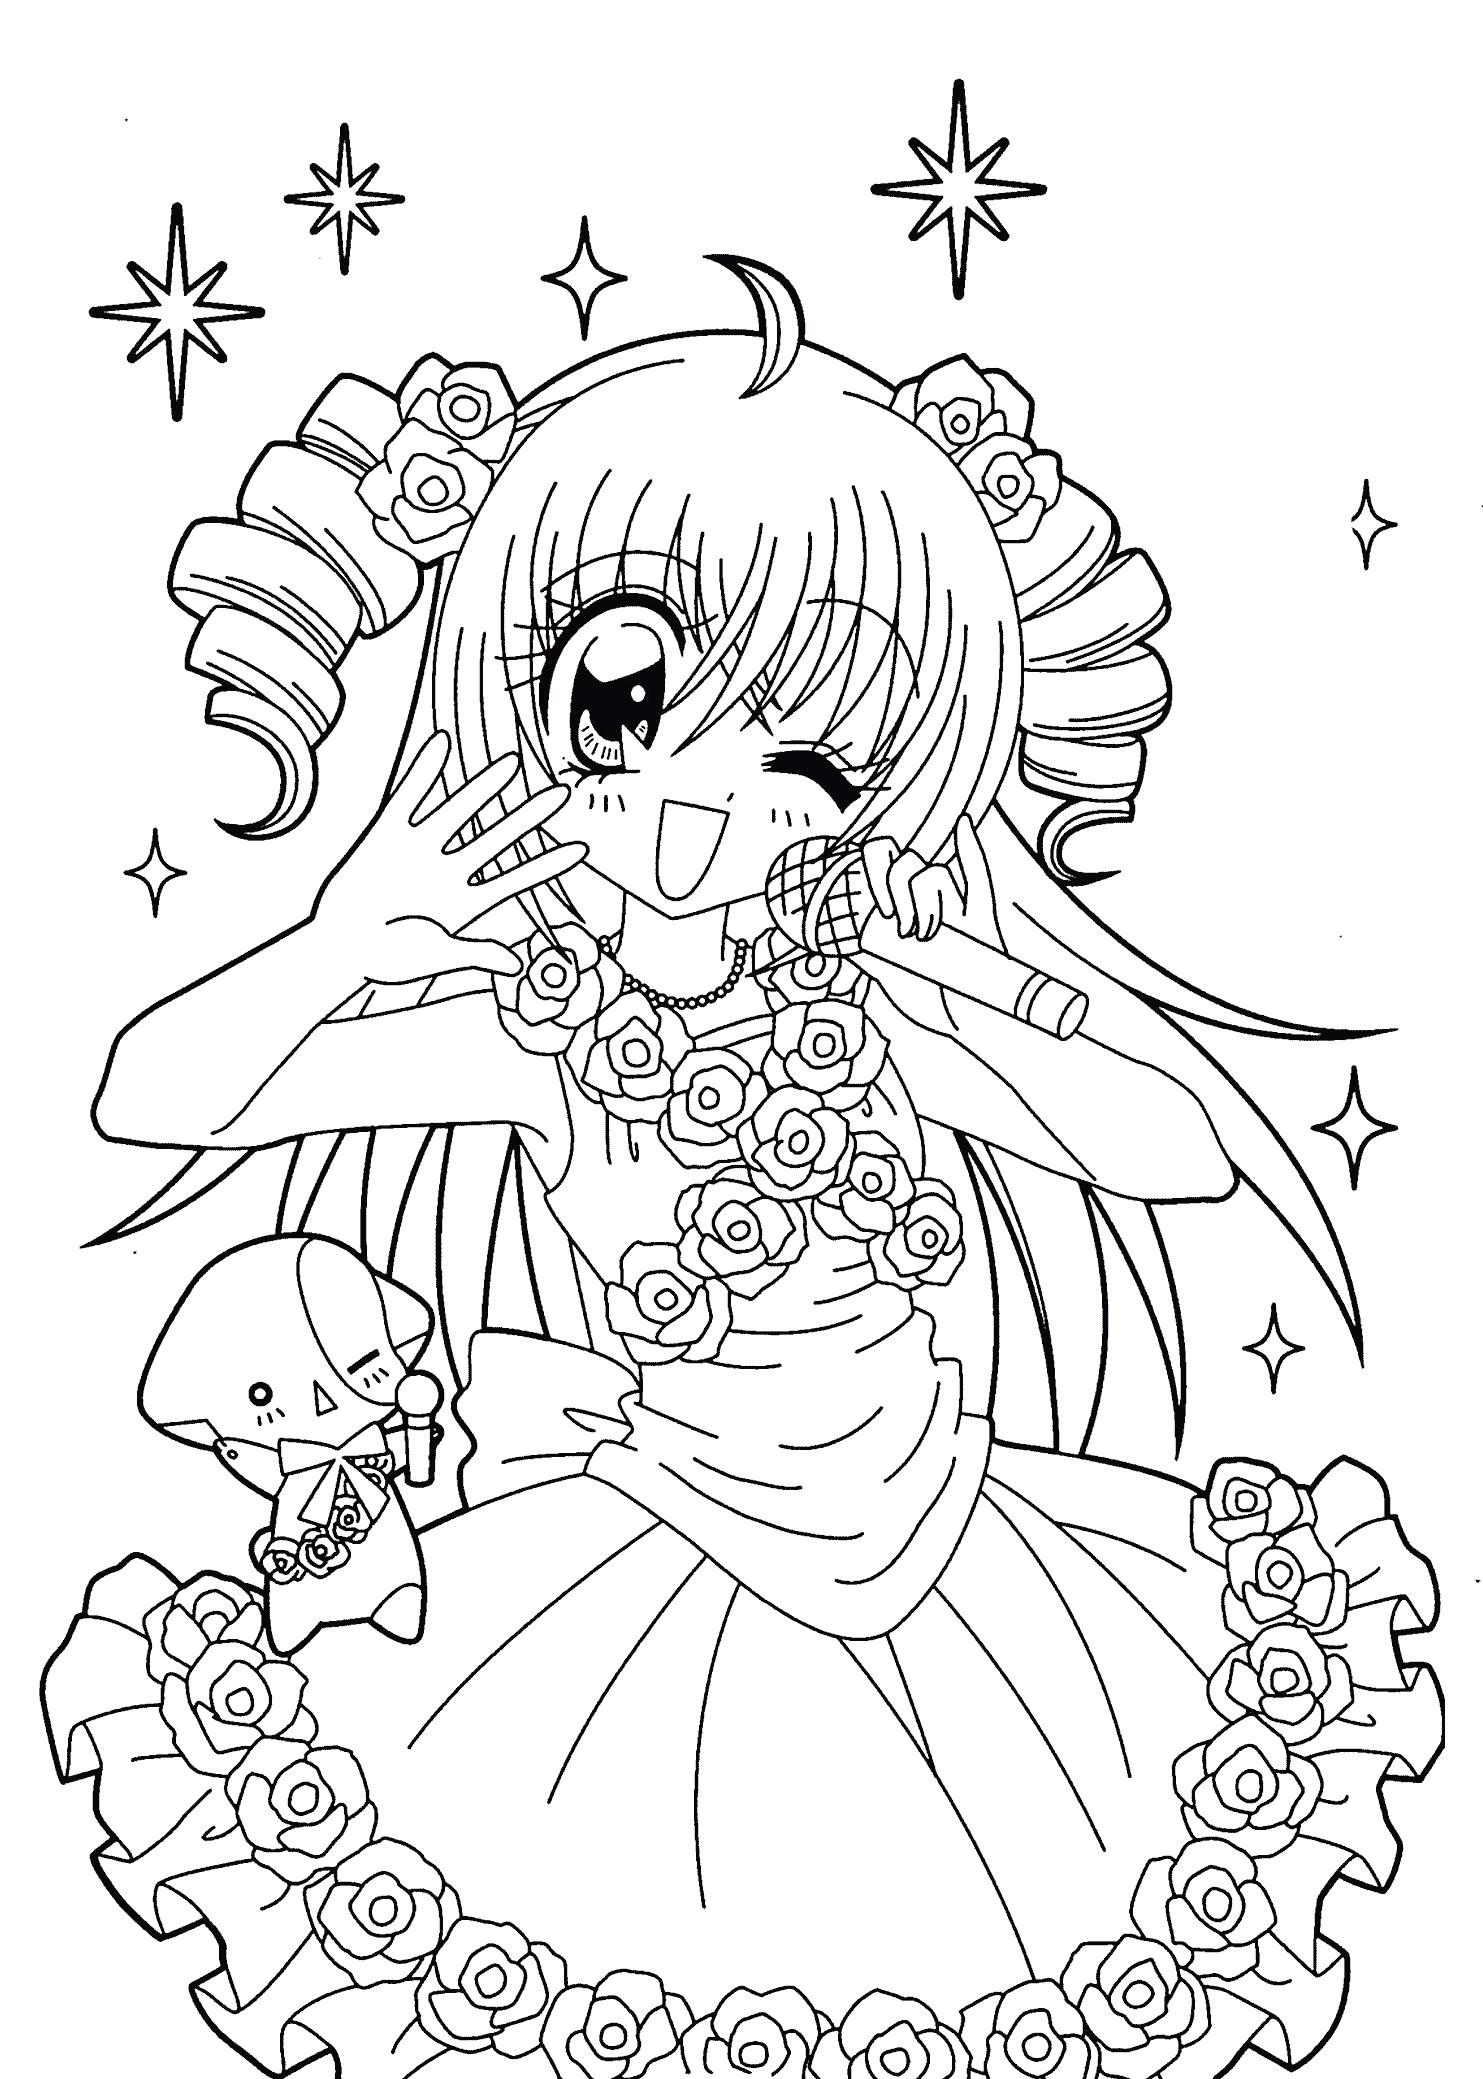 Carte De Noel Imprimer Avec Texte L Gant Ides De Dessin à Manga Dessin A Imprimer